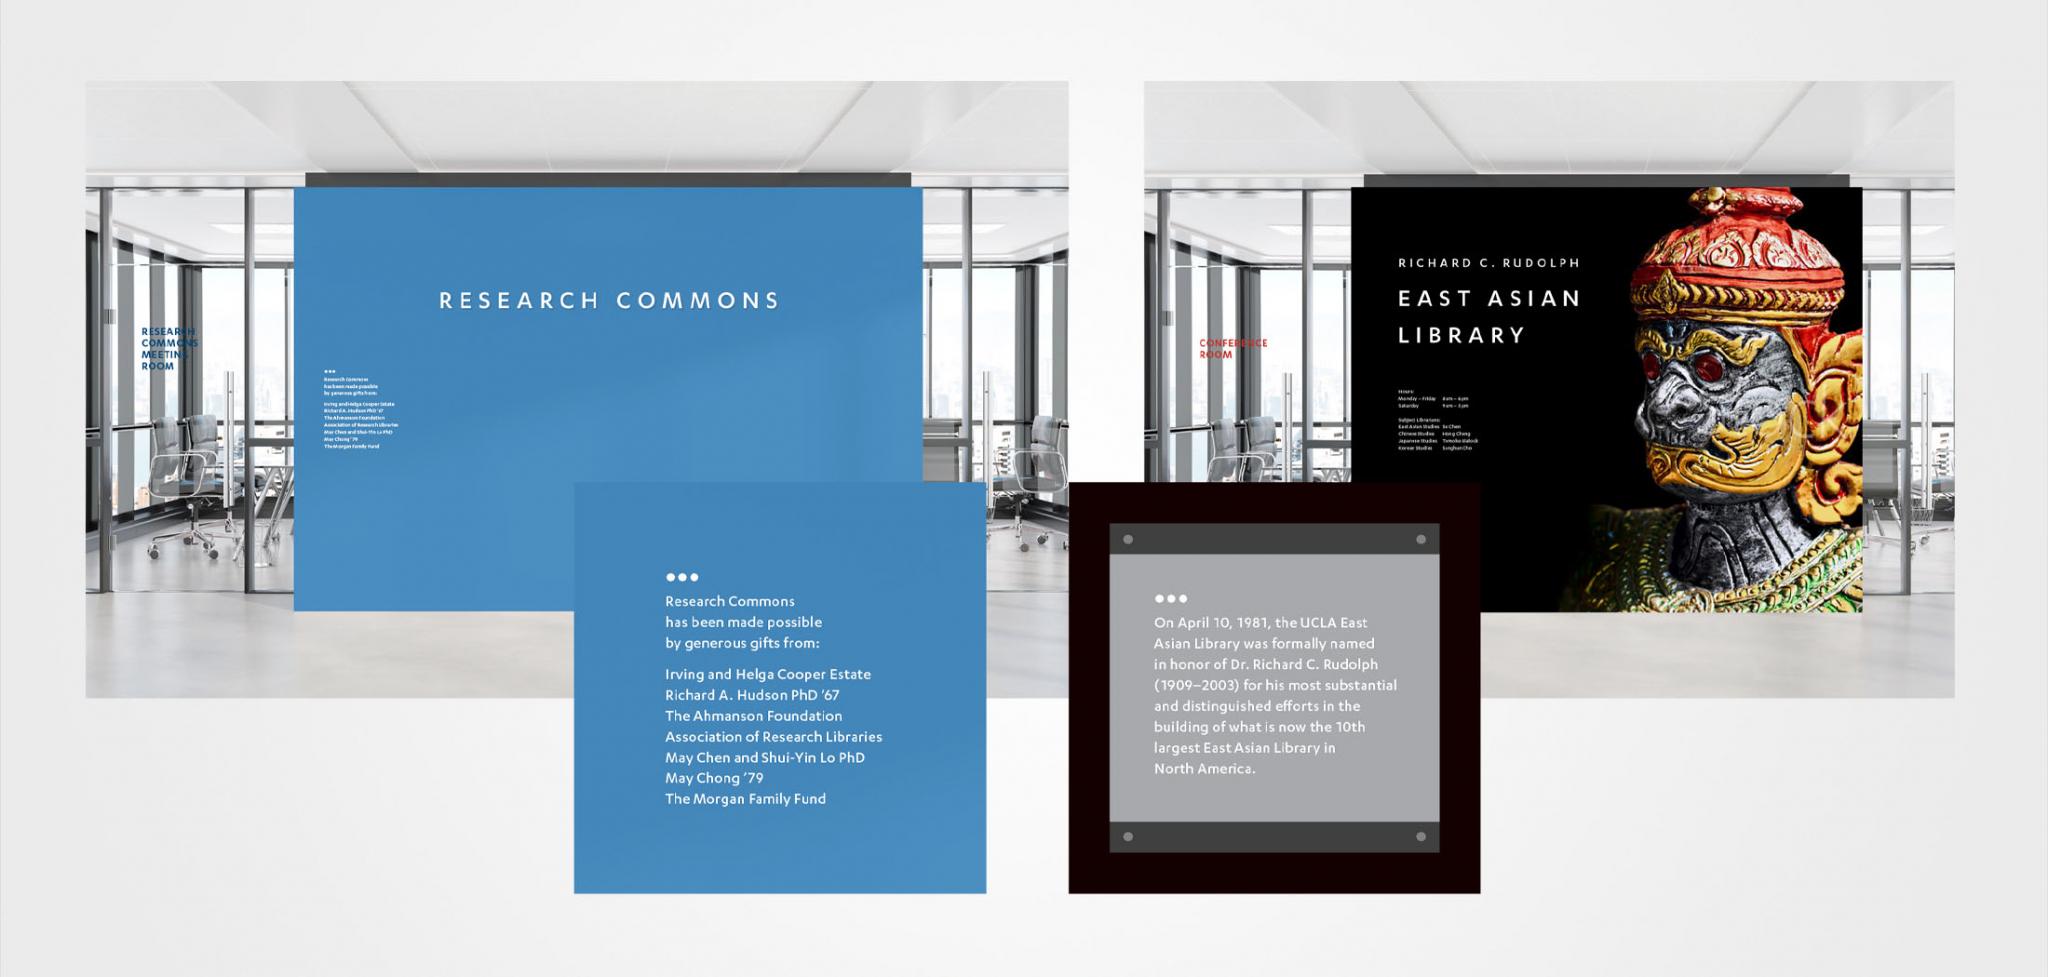 UCLA Library Rebranding Room Signage Design